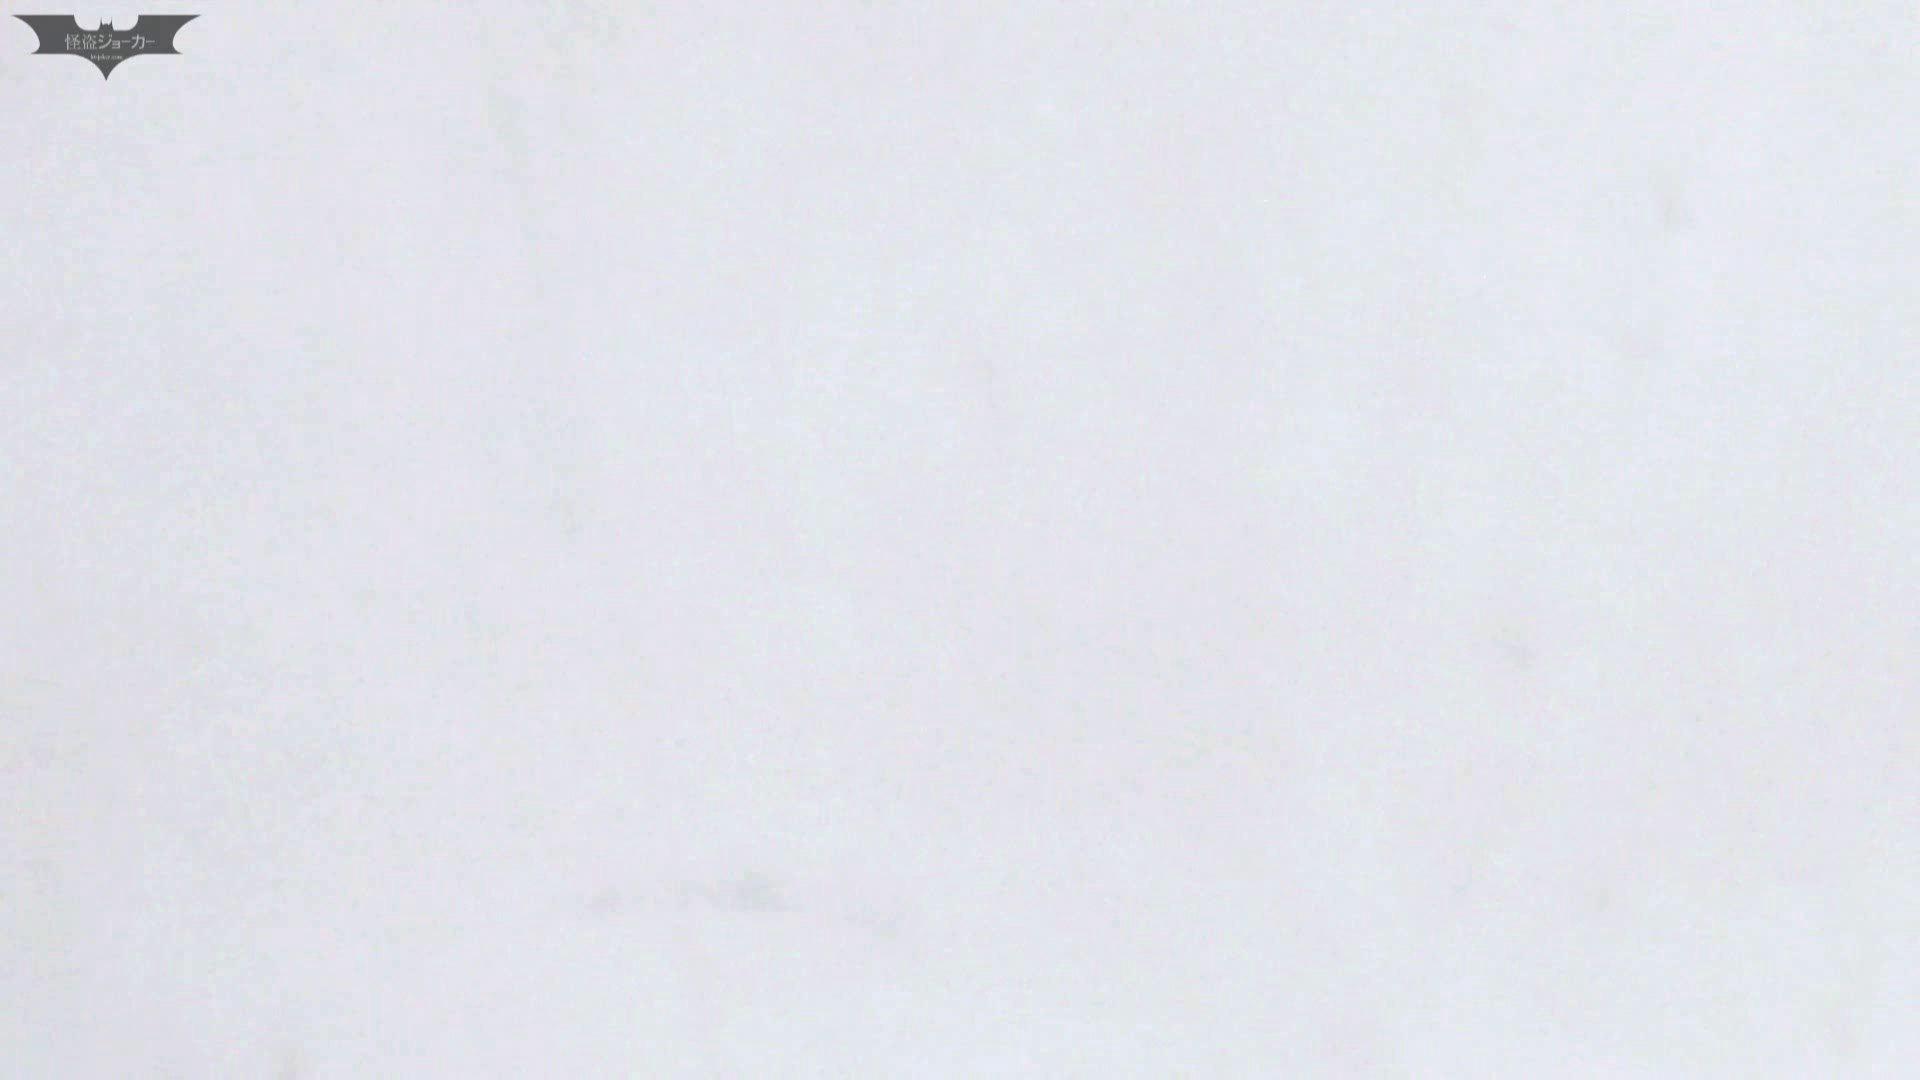 【潜入トイレ盗撮】洗面所特攻隊 vol.70 極上品の連続、歌いながら美女入室 洗面所 | トイレ盗撮  63pic 31